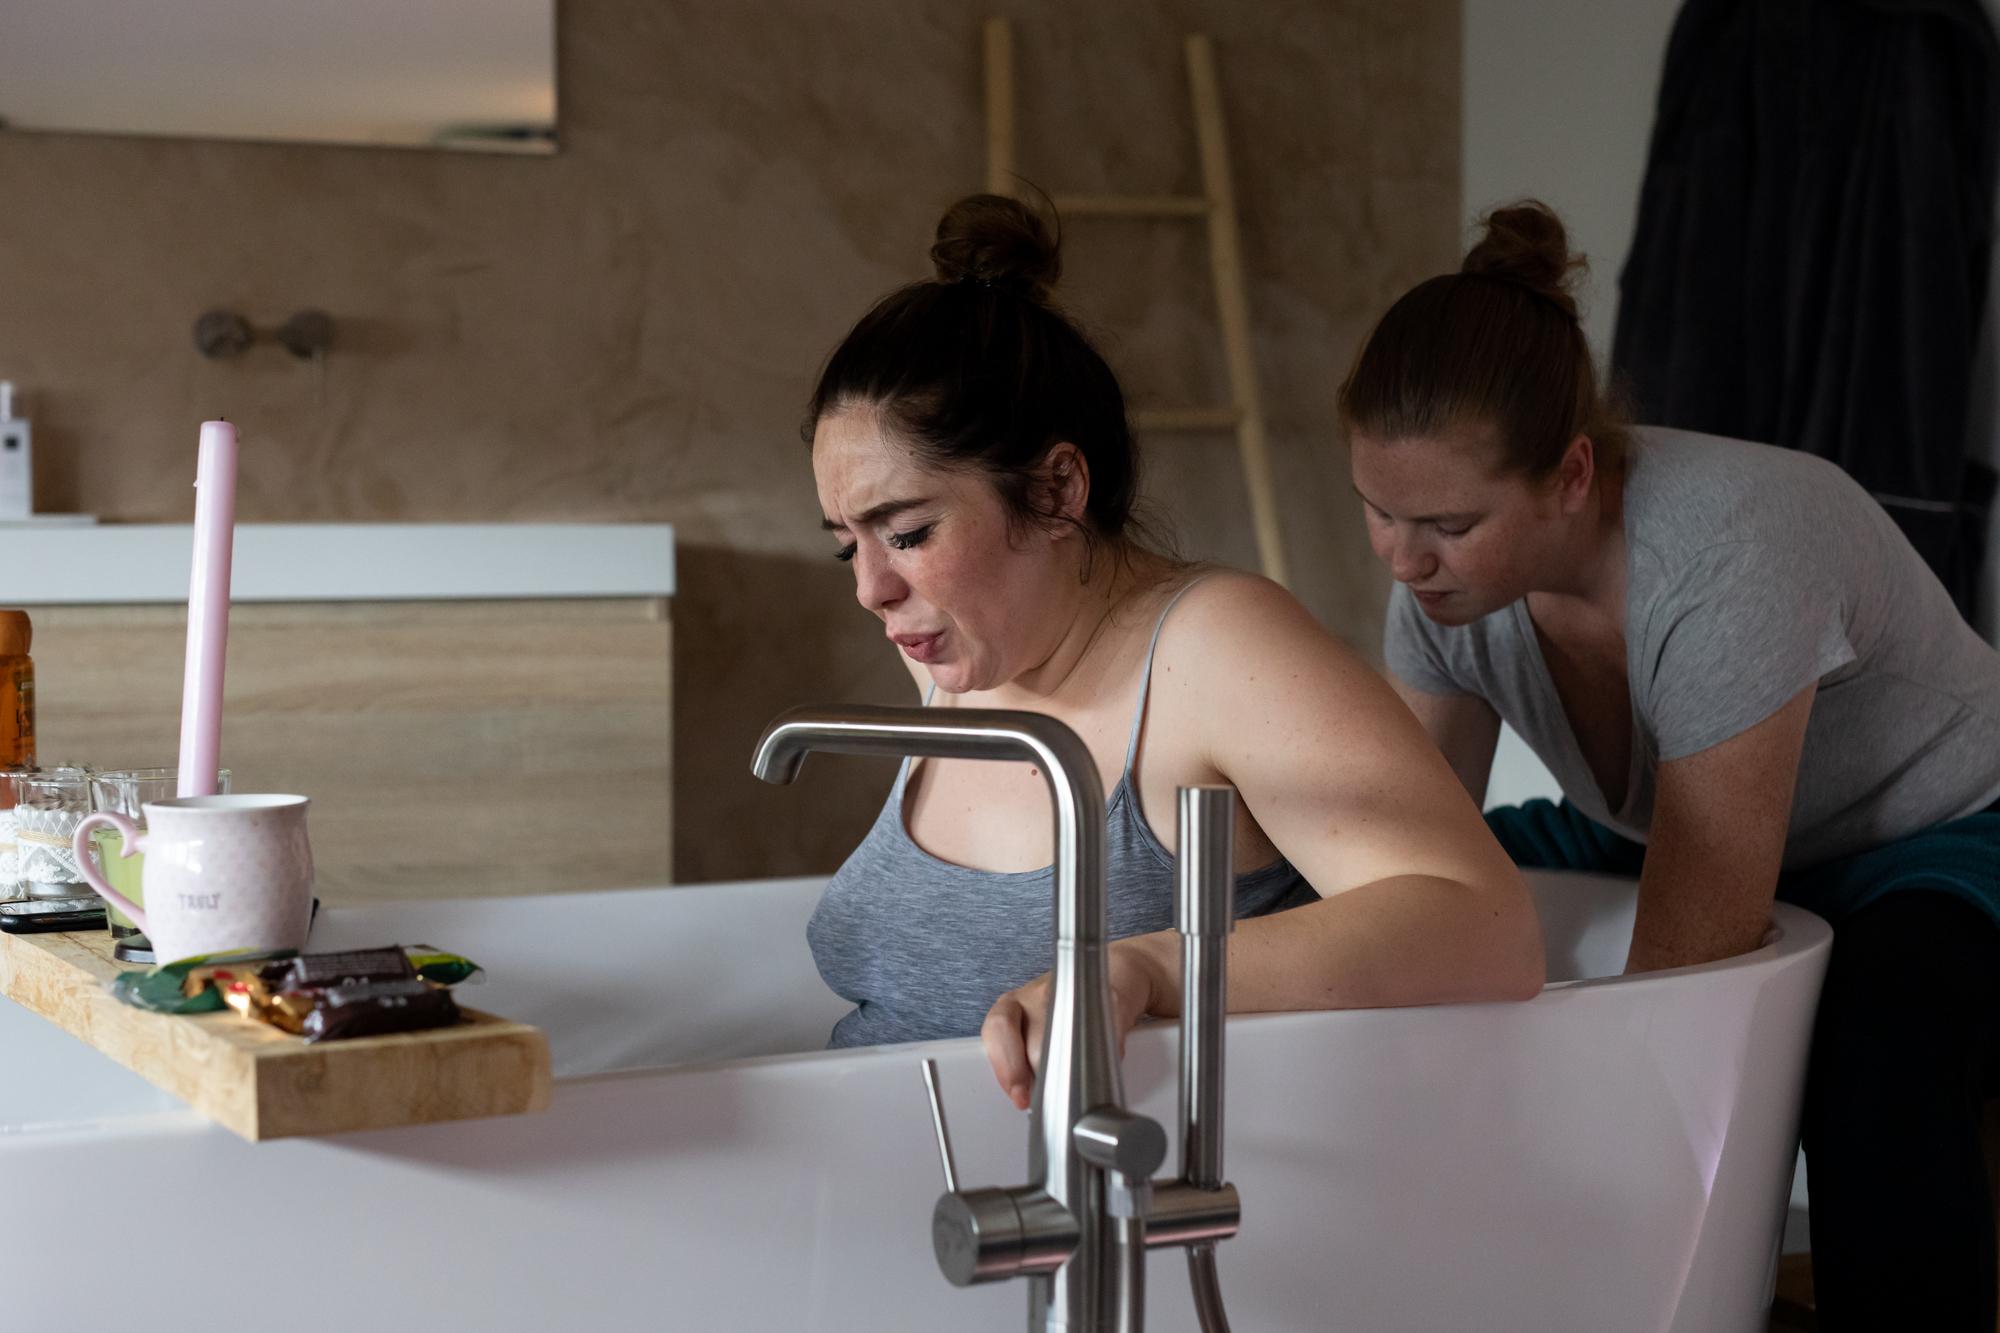 Badbevalling - bevallen in bad